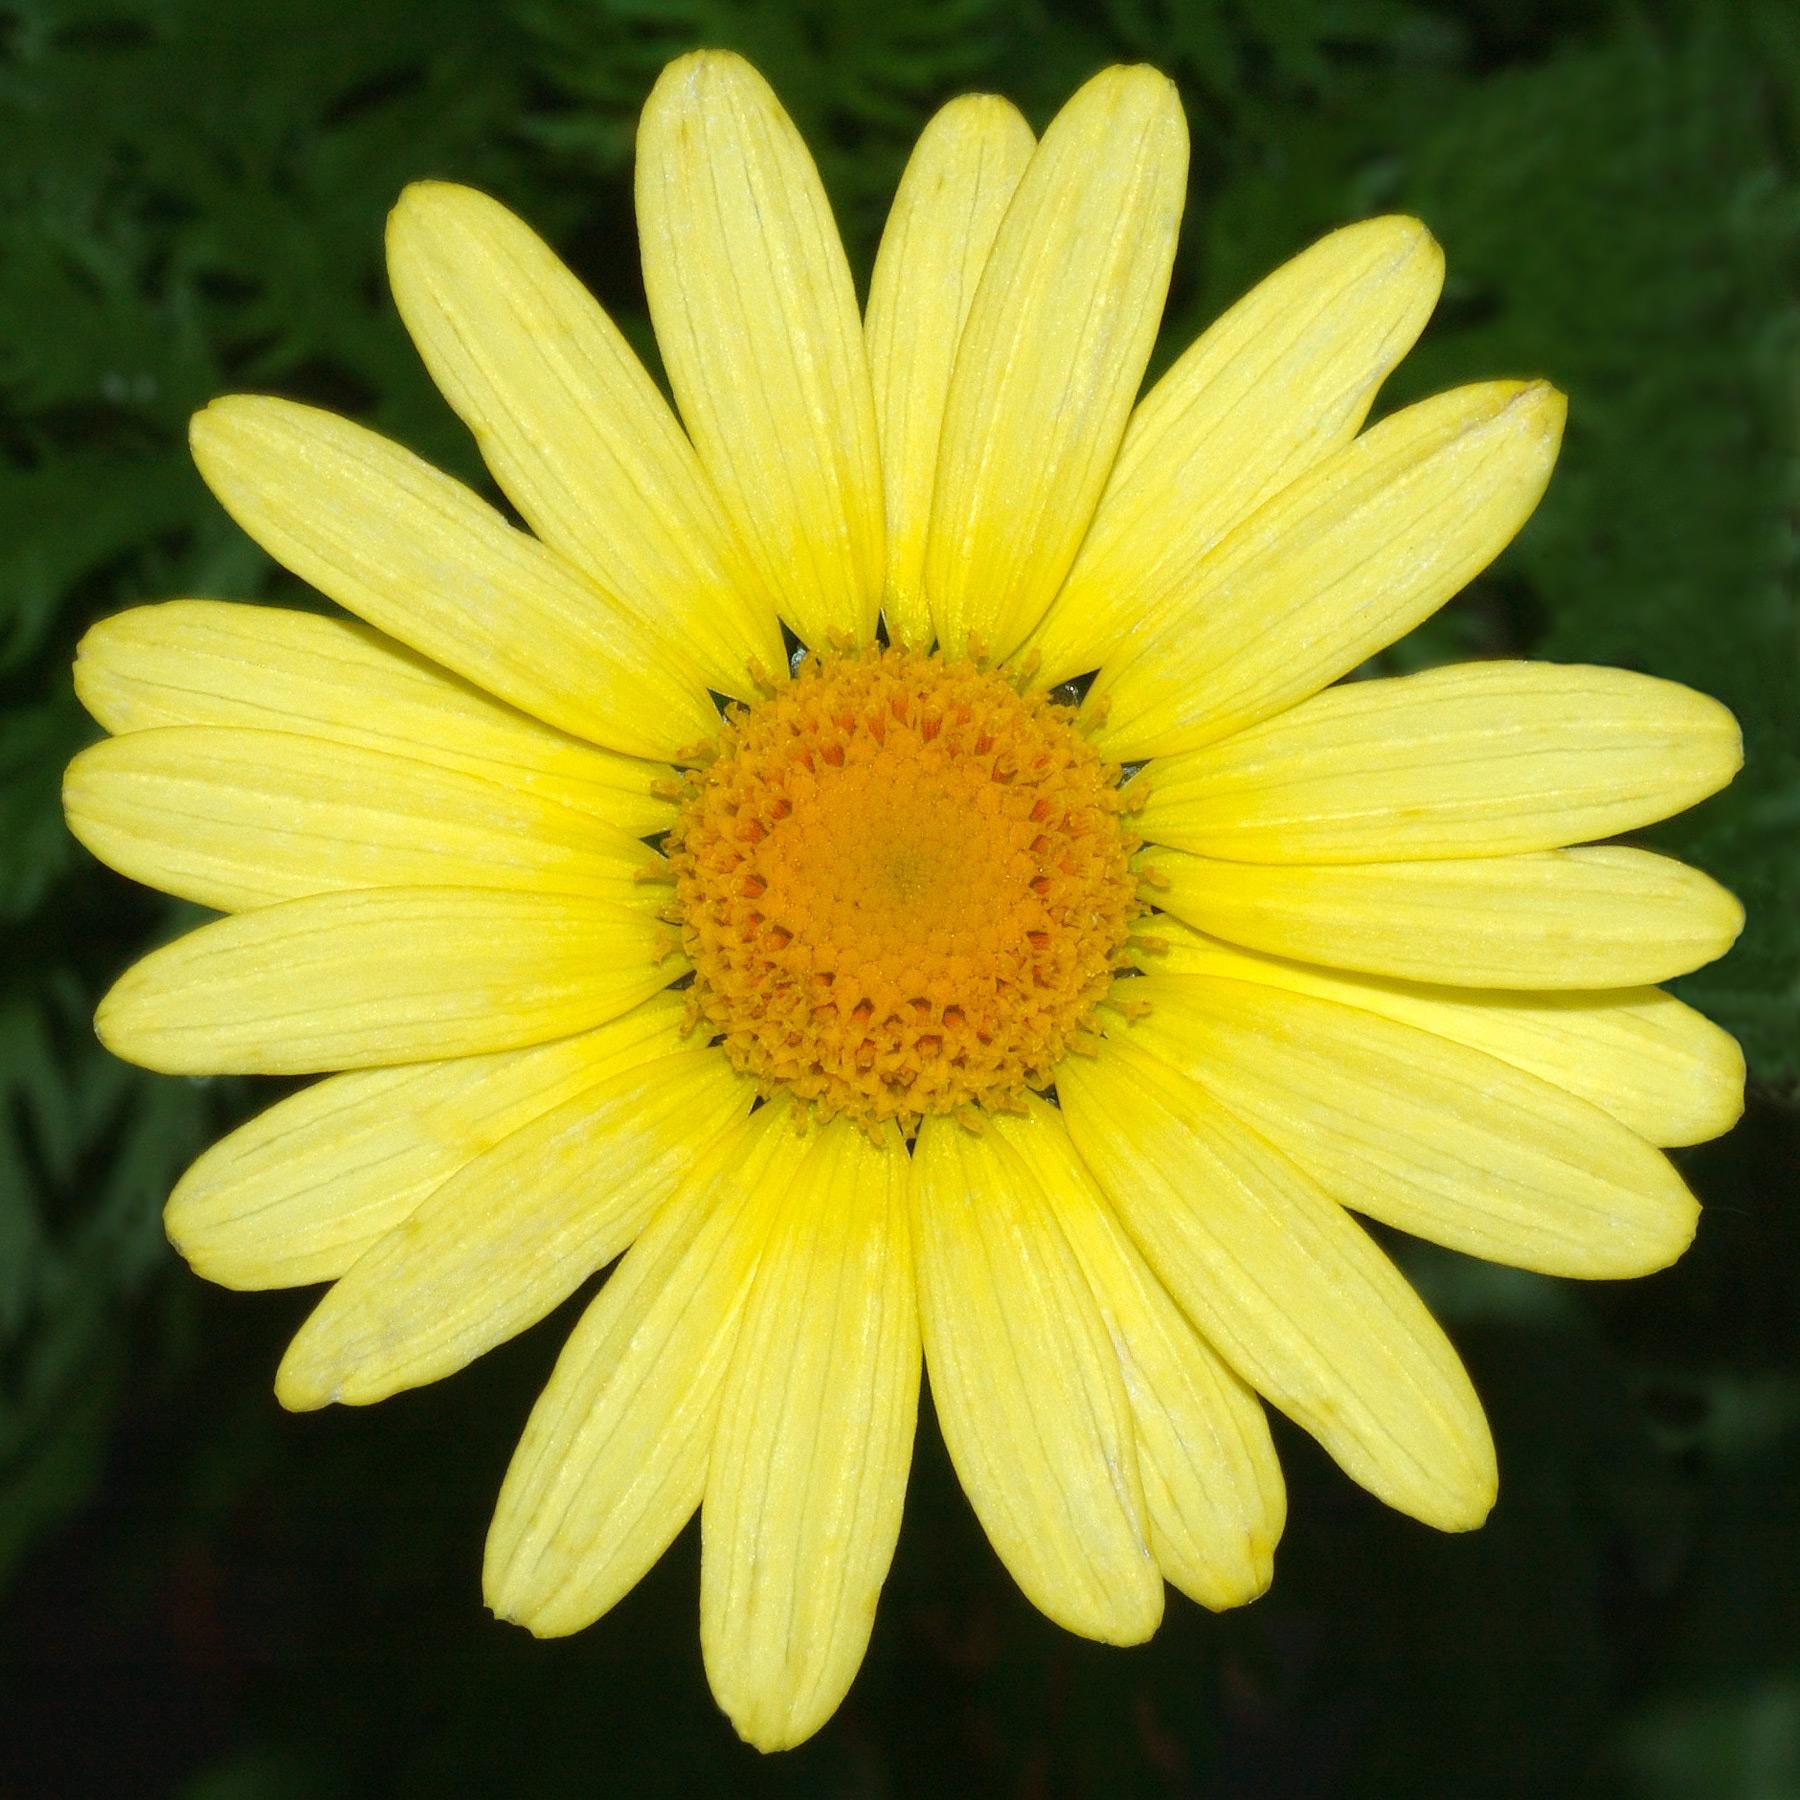 Blooming daisies rus tfile.ru